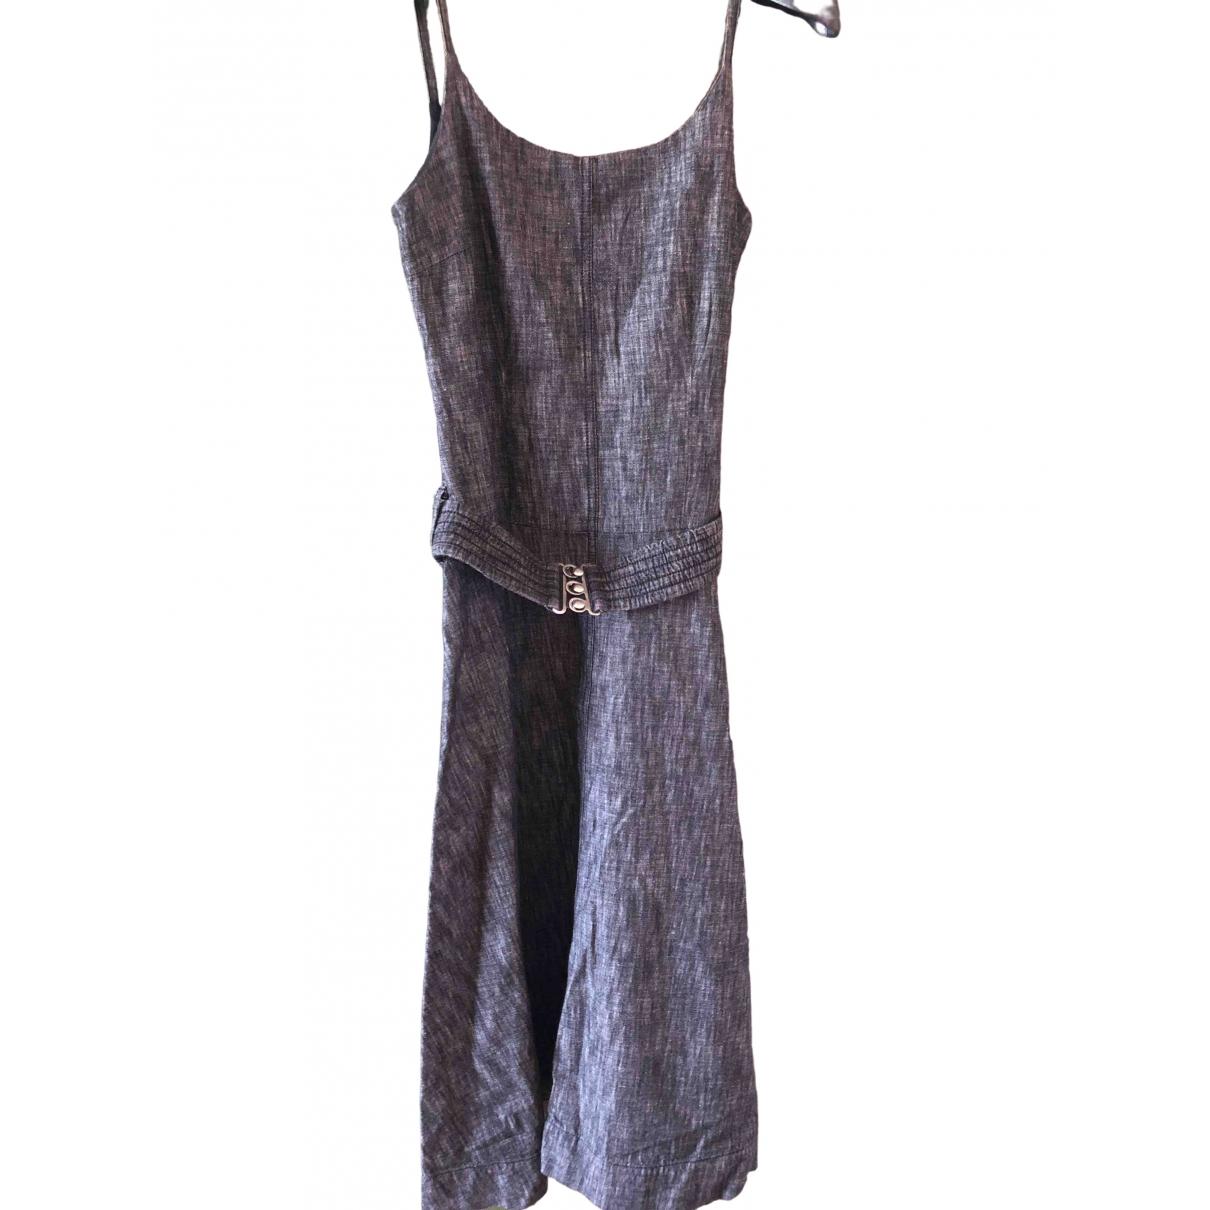 Dkny \N Kleid in  Grau Baumwolle